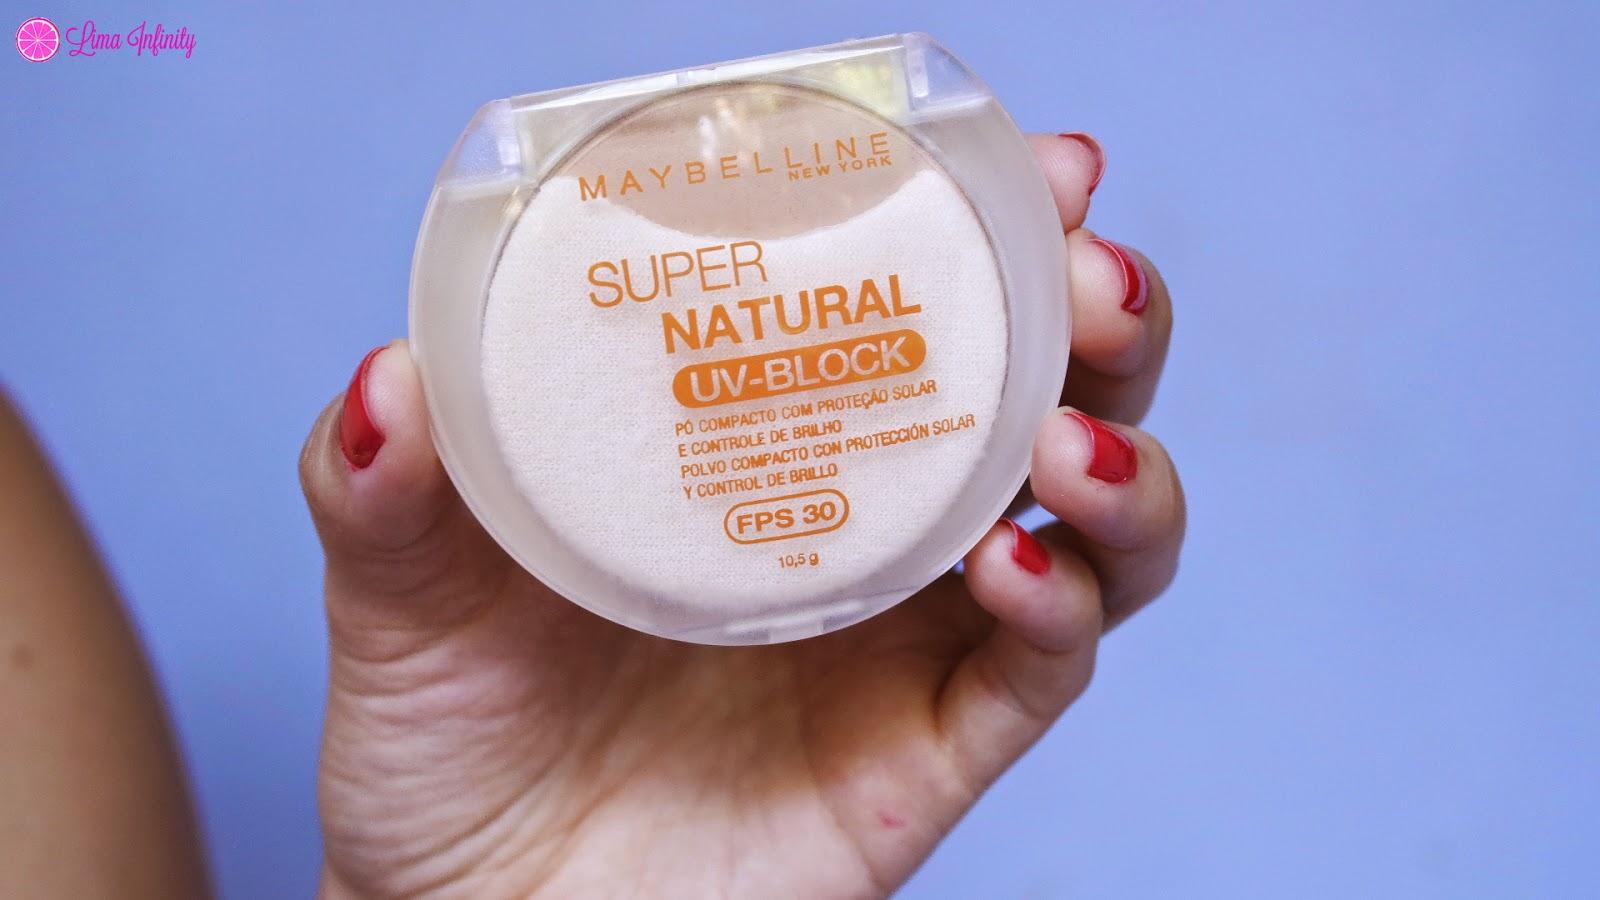 pó-compacto-maybelline-resenha-maquiagem-super-natural-uv-block